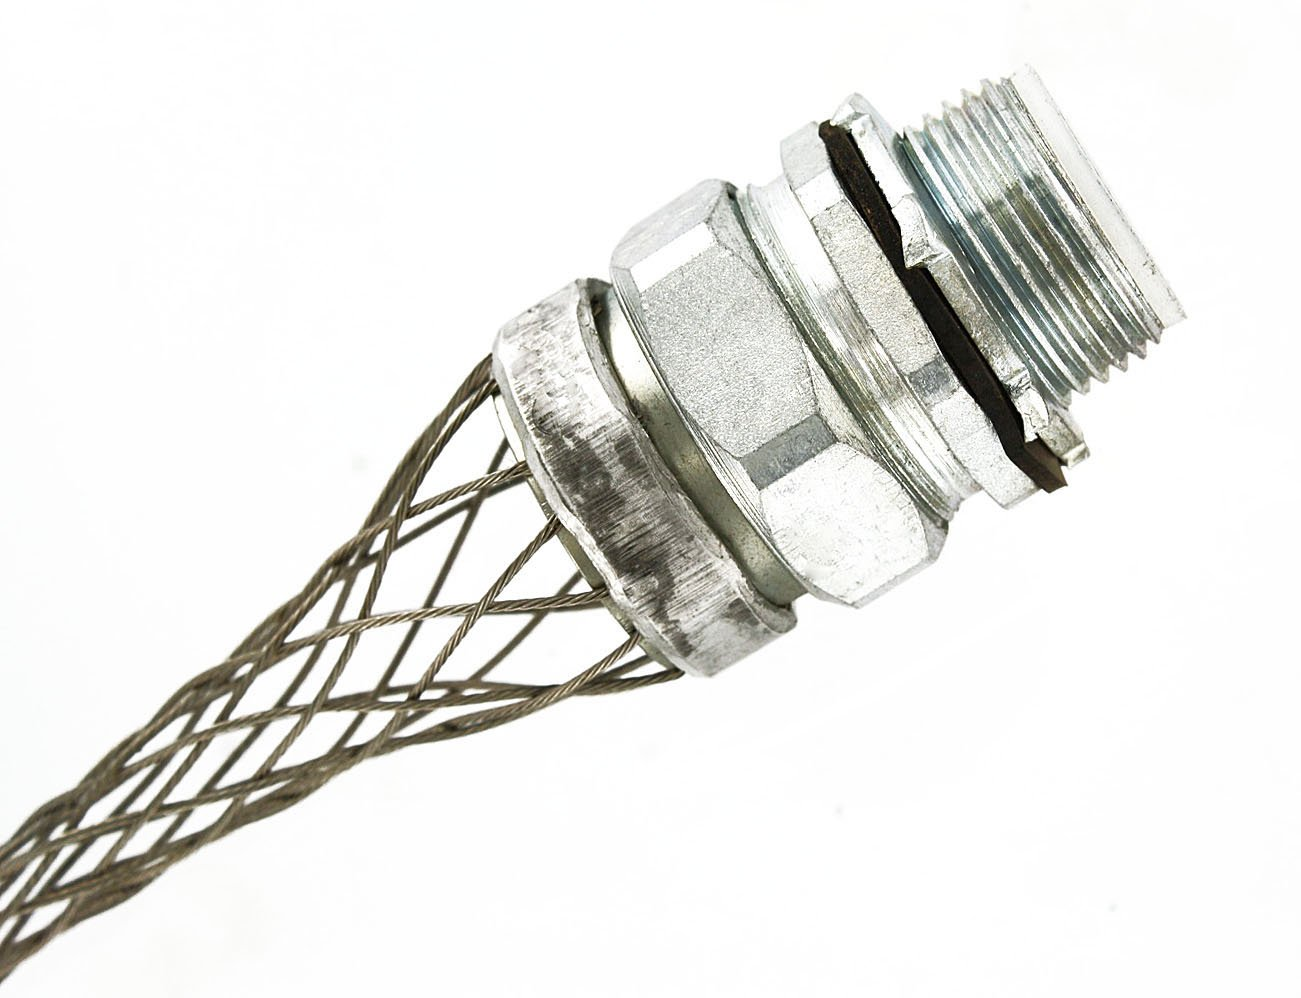 Leviton L7962 1/2-Inch, Straight, Male, Aluminum Body, Liquid-Tight Non-Metallic Type A Conduit, Strain-Relief Grip